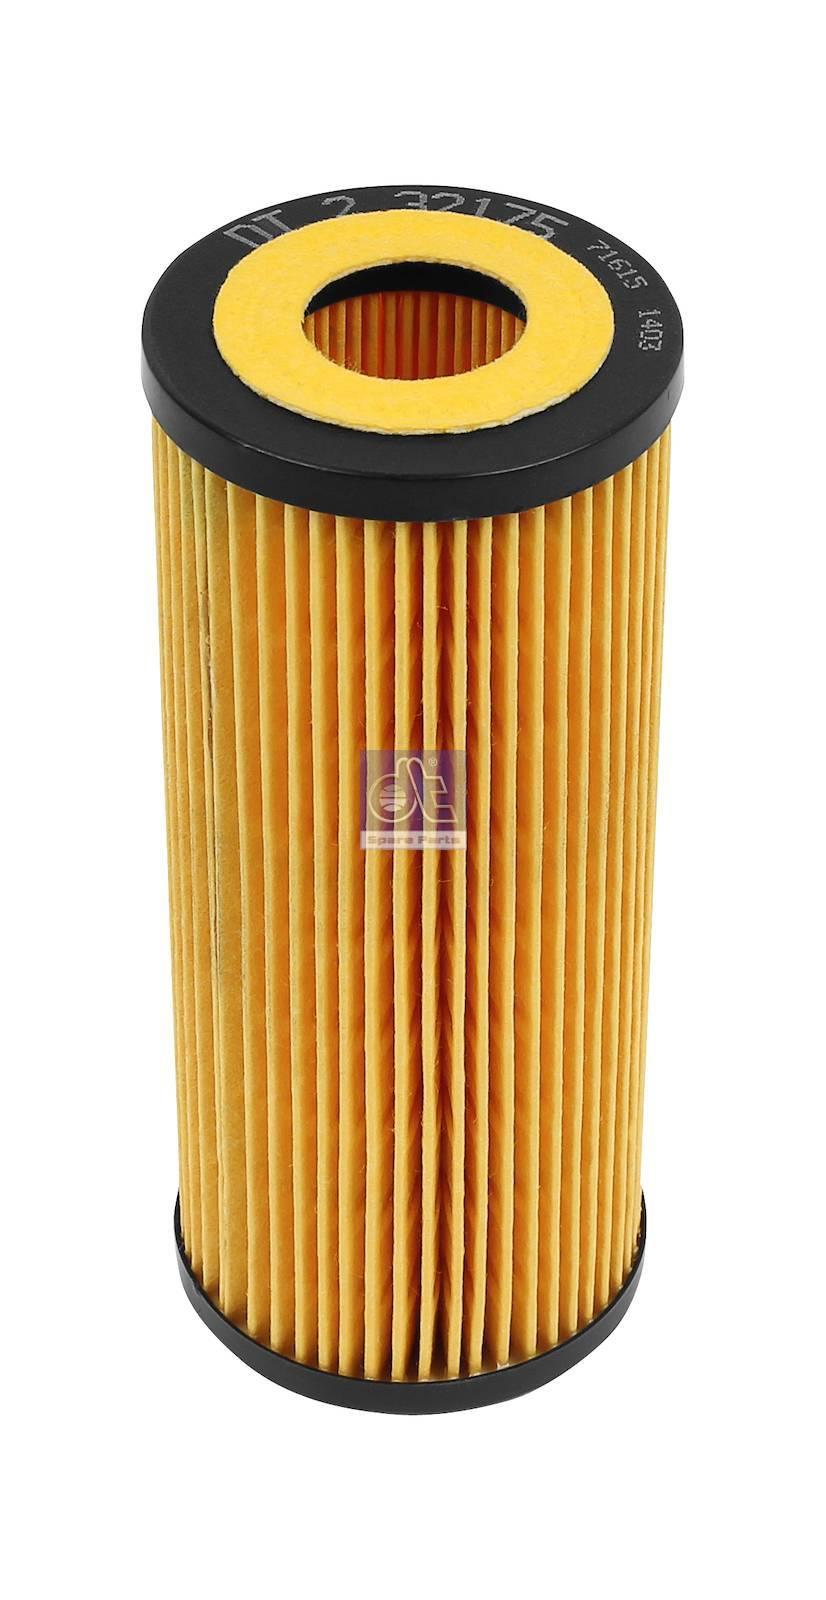 Elemento de filtro de óleo, caixa de cãmbios